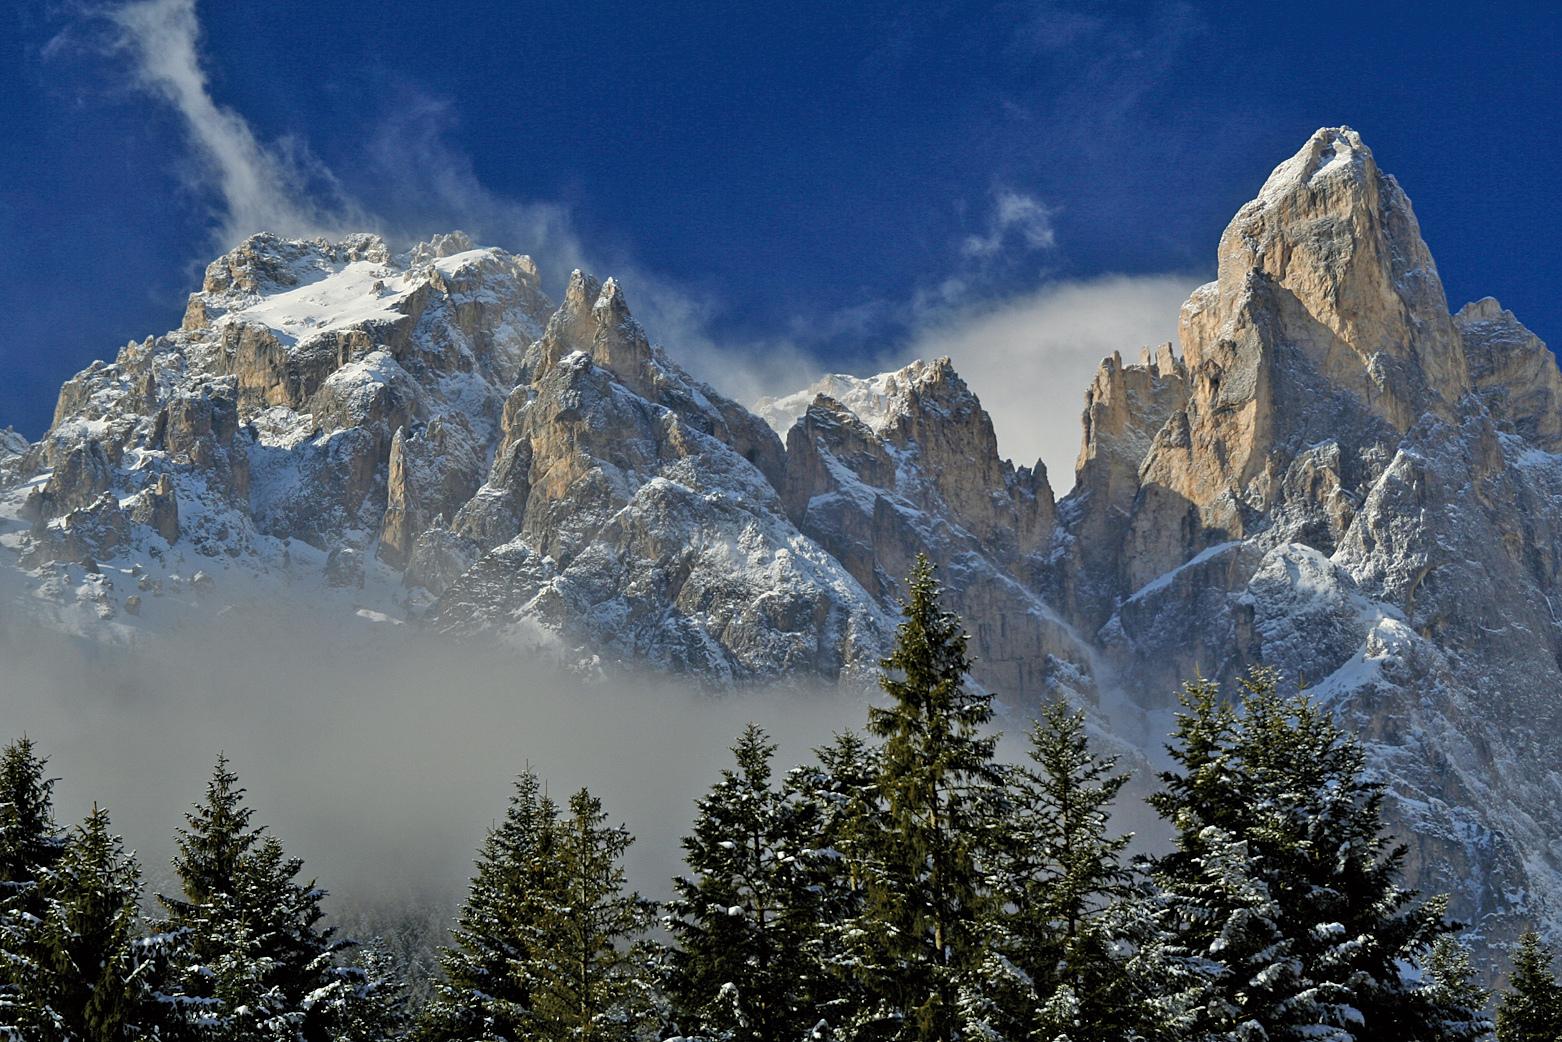 意大利多洛米蒂山脈。(David J. Mark/維基百科)